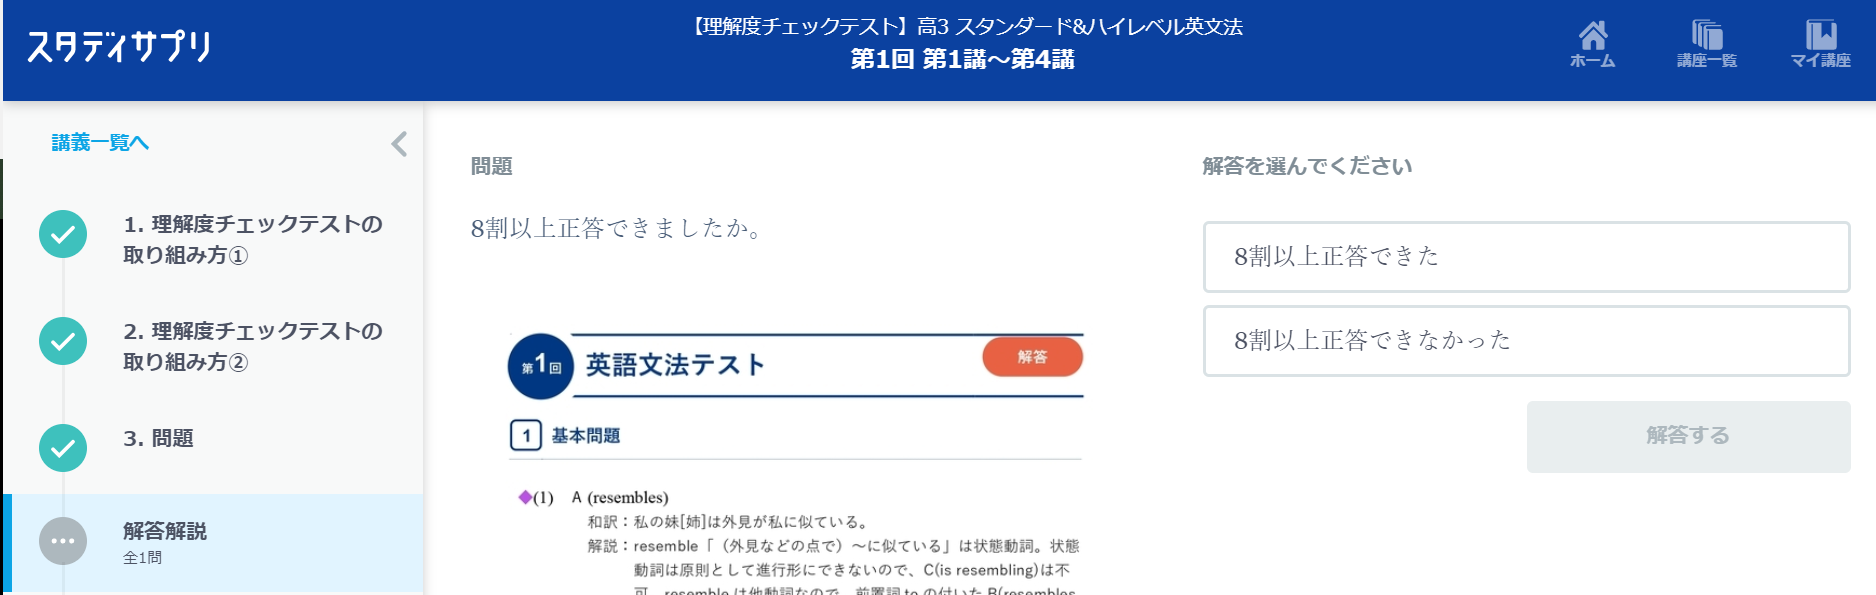 文法編の理解度チェックテスト